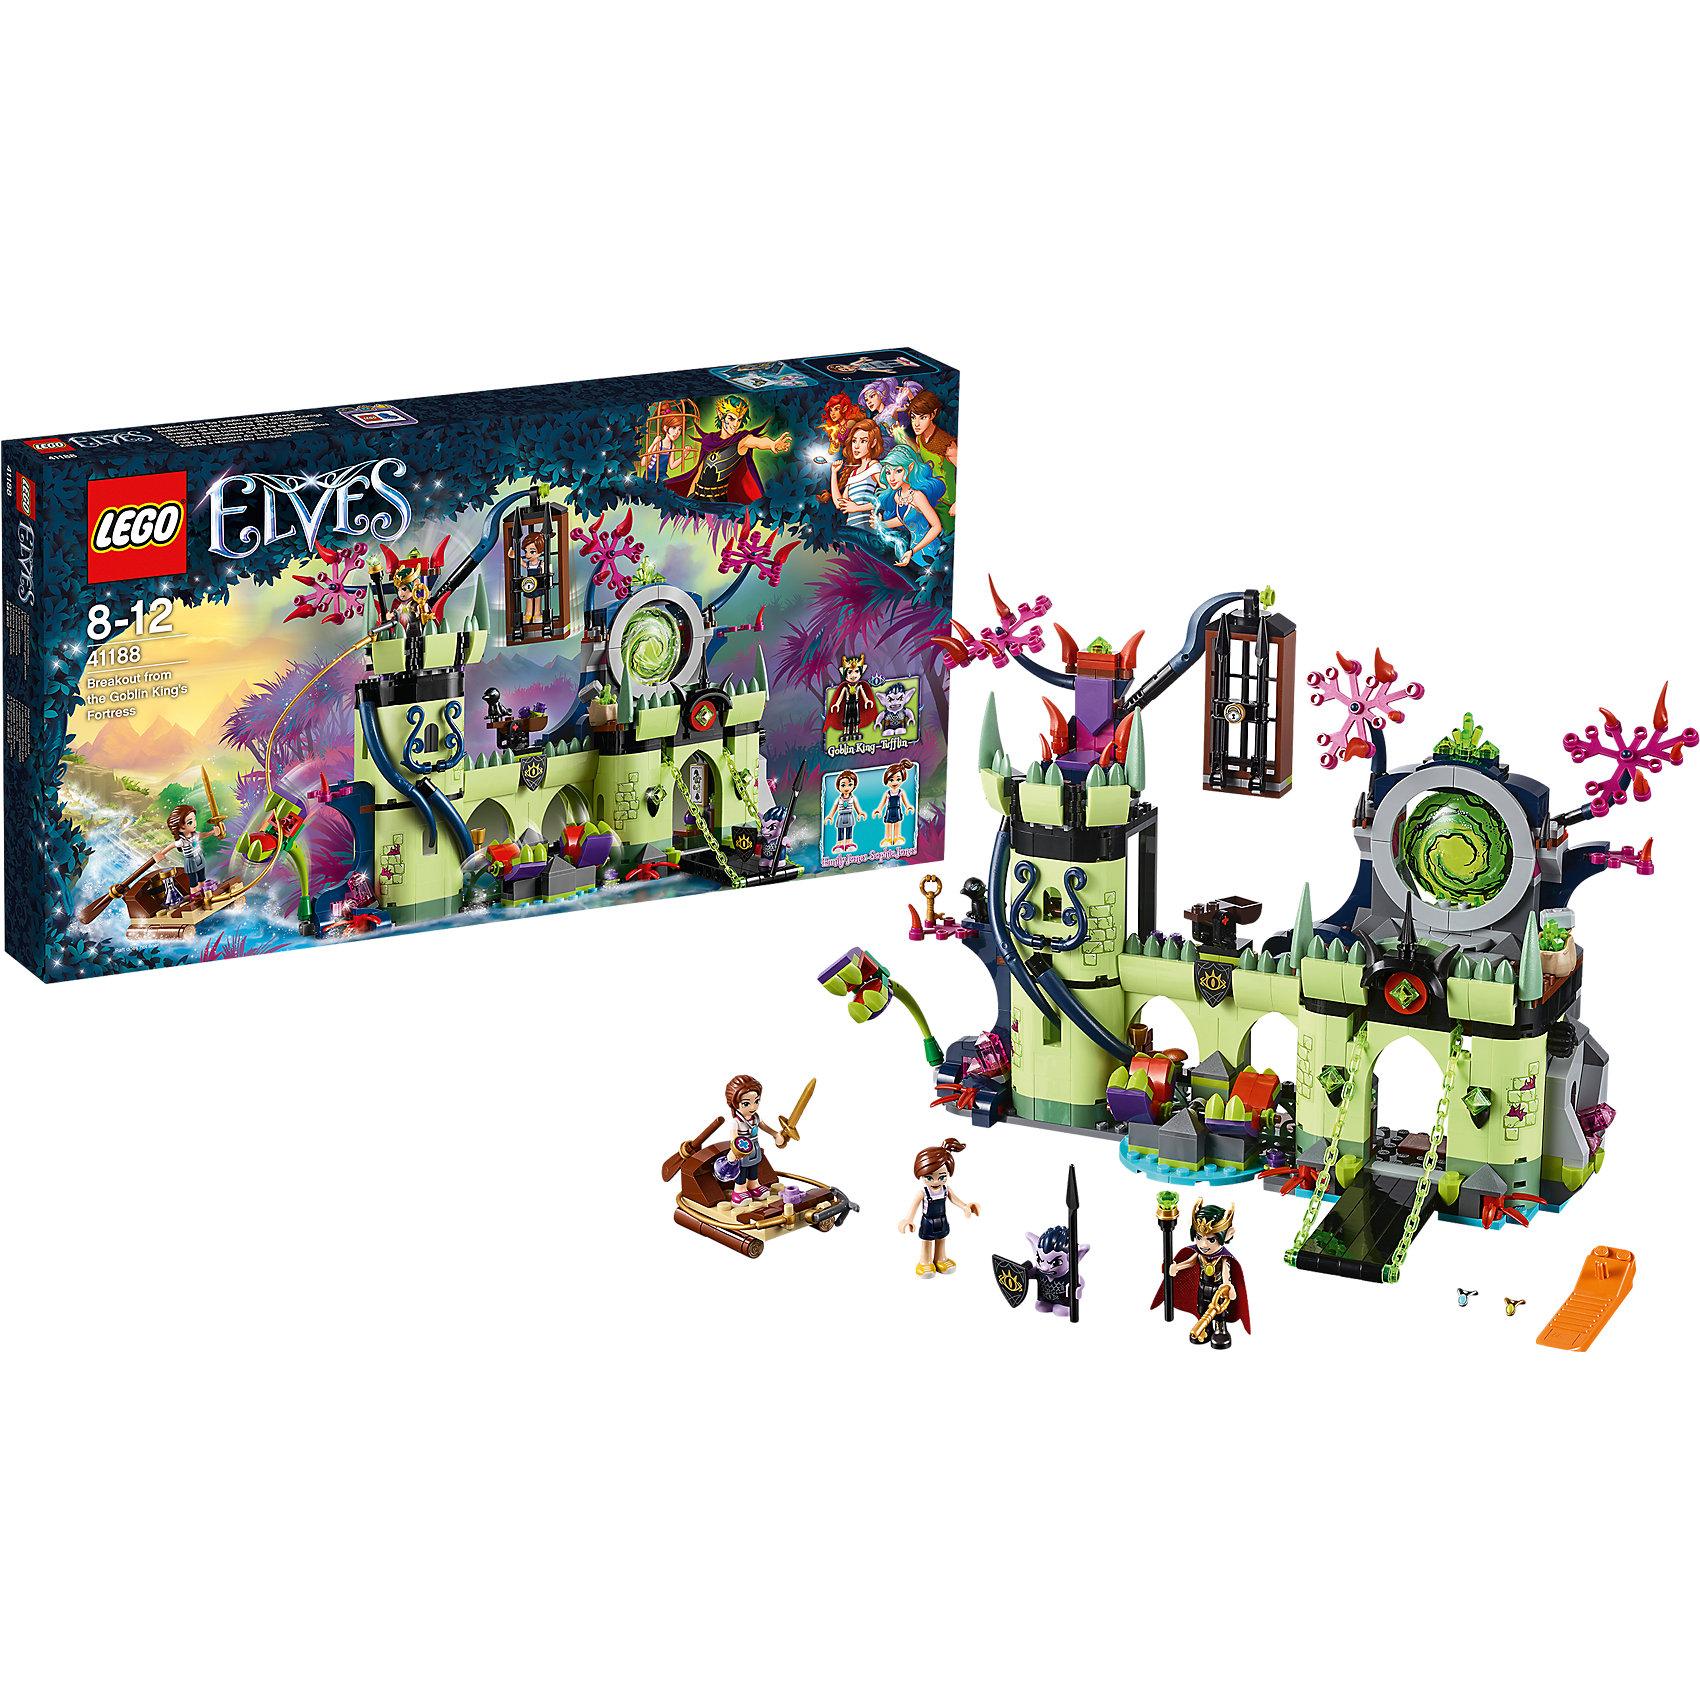 Конструктор Lego Elves 41188: Побег из крепости Короля гоблиновПластмассовые конструкторы<br>Характеристики товара:<br><br>• возраст: от 8 лет;<br>• материал: пластик;<br>• в комплекте: 695 деталей;<br>• количество минифигурок: 4<br>• размер упаковки: 54х28,2х6 см;<br>• вес упаковки: 1,015 кг;<br>• страна производитель: Китай.<br><br>Конструктор Lego Elves «Побег из крепости Короля гоблинов» относится к серии Лего Эльфы, рассказывающей о хранительнице портала между миром эльфов и людей Эмили Джонс. Эмили надо спасти свою маленькую сестру Софи, которая заточена в клетке в замке Короля гоблинов.  В замке встречается много препятствий: плотоядные растения и деревья, острые пики.<br><br>Из элементов конструктора предстоит собрать замок и 4 фигурки. С ними девочка сможет придумать захватывающие сюжеты для игры. Сборка конструктора развивает у детей мелкую моторику рук, усидчивость, логическое мышление.<br><br>Конструктор Lego Elves «Побег из крепости Короля гоблинов» можно приобрести в нашем интернет-магазине.<br><br>Ширина мм: 536<br>Глубина мм: 281<br>Высота мм: 66<br>Вес г: 1033<br>Возраст от месяцев: 96<br>Возраст до месяцев: 2147483647<br>Пол: Женский<br>Возраст: Детский<br>SKU: 5620039